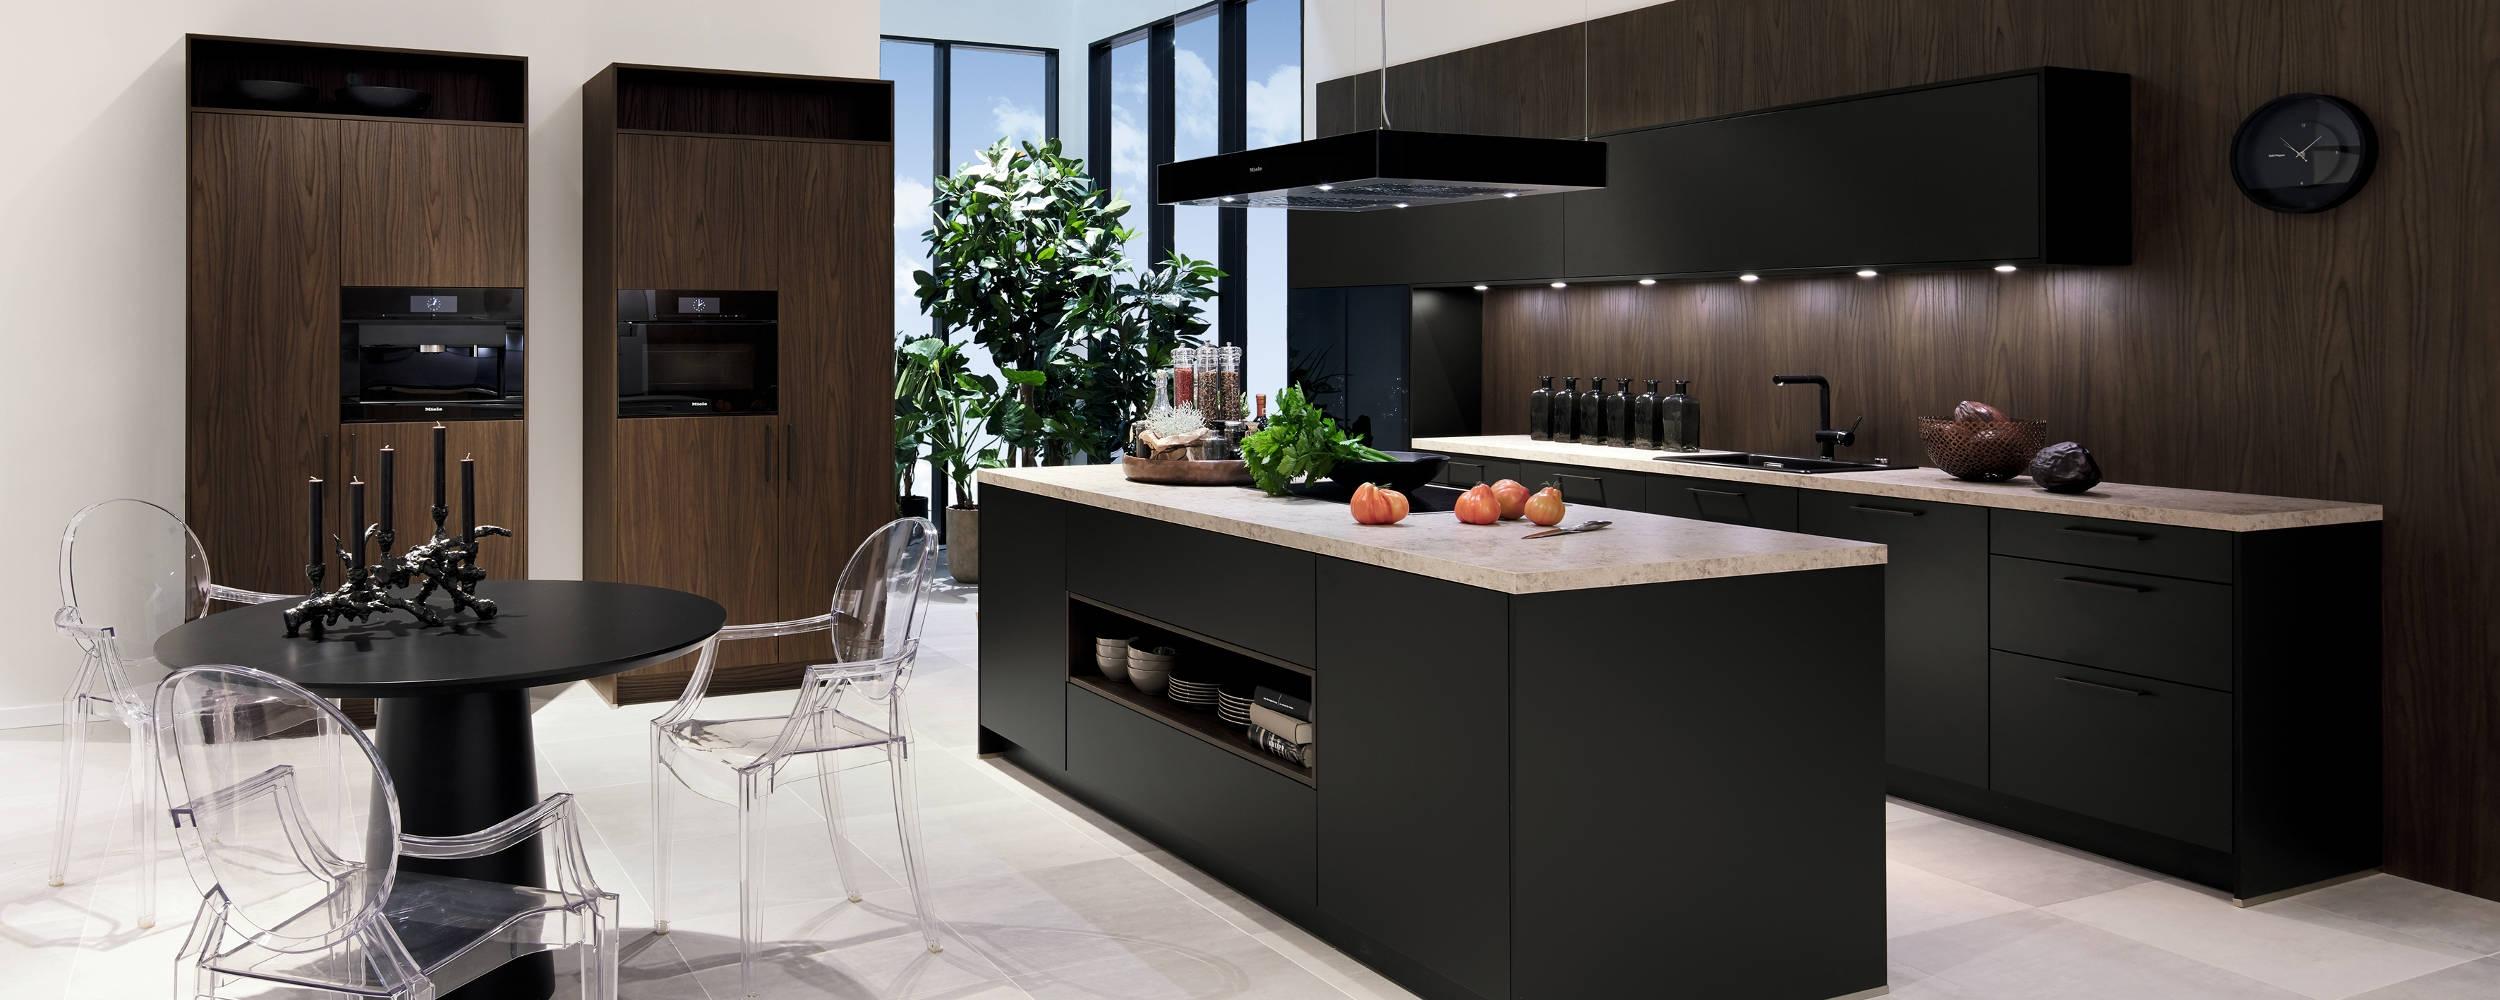 Pronorm Proline German Fitted Kitchen Designer EKCO EKCO